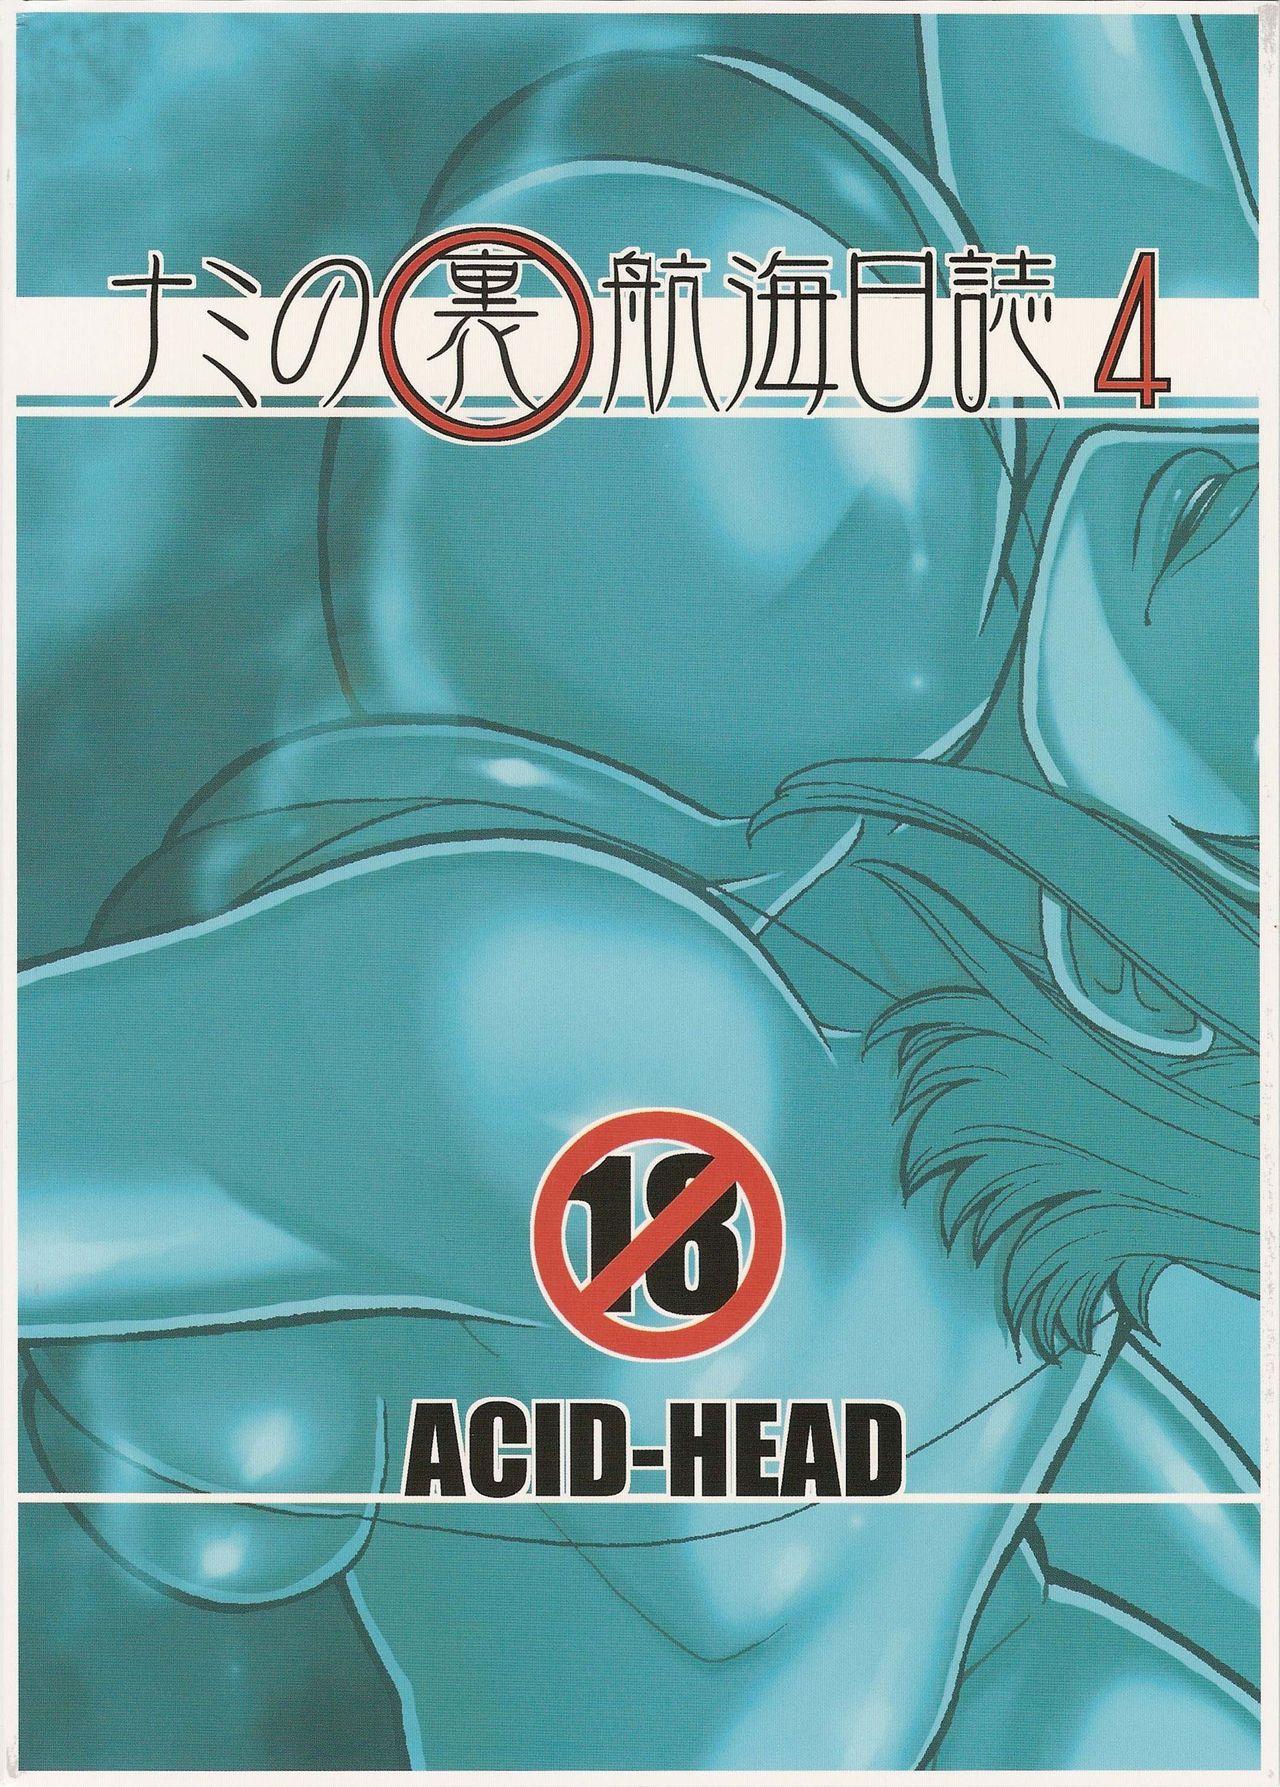 (C76) [ACID-HEAD (Murata.)] Nami no Ura Koukai Nisshi 4 (One Piece)   Nami's Hidden Sailing Diary 4 [English] {doujin-moe.us} 29